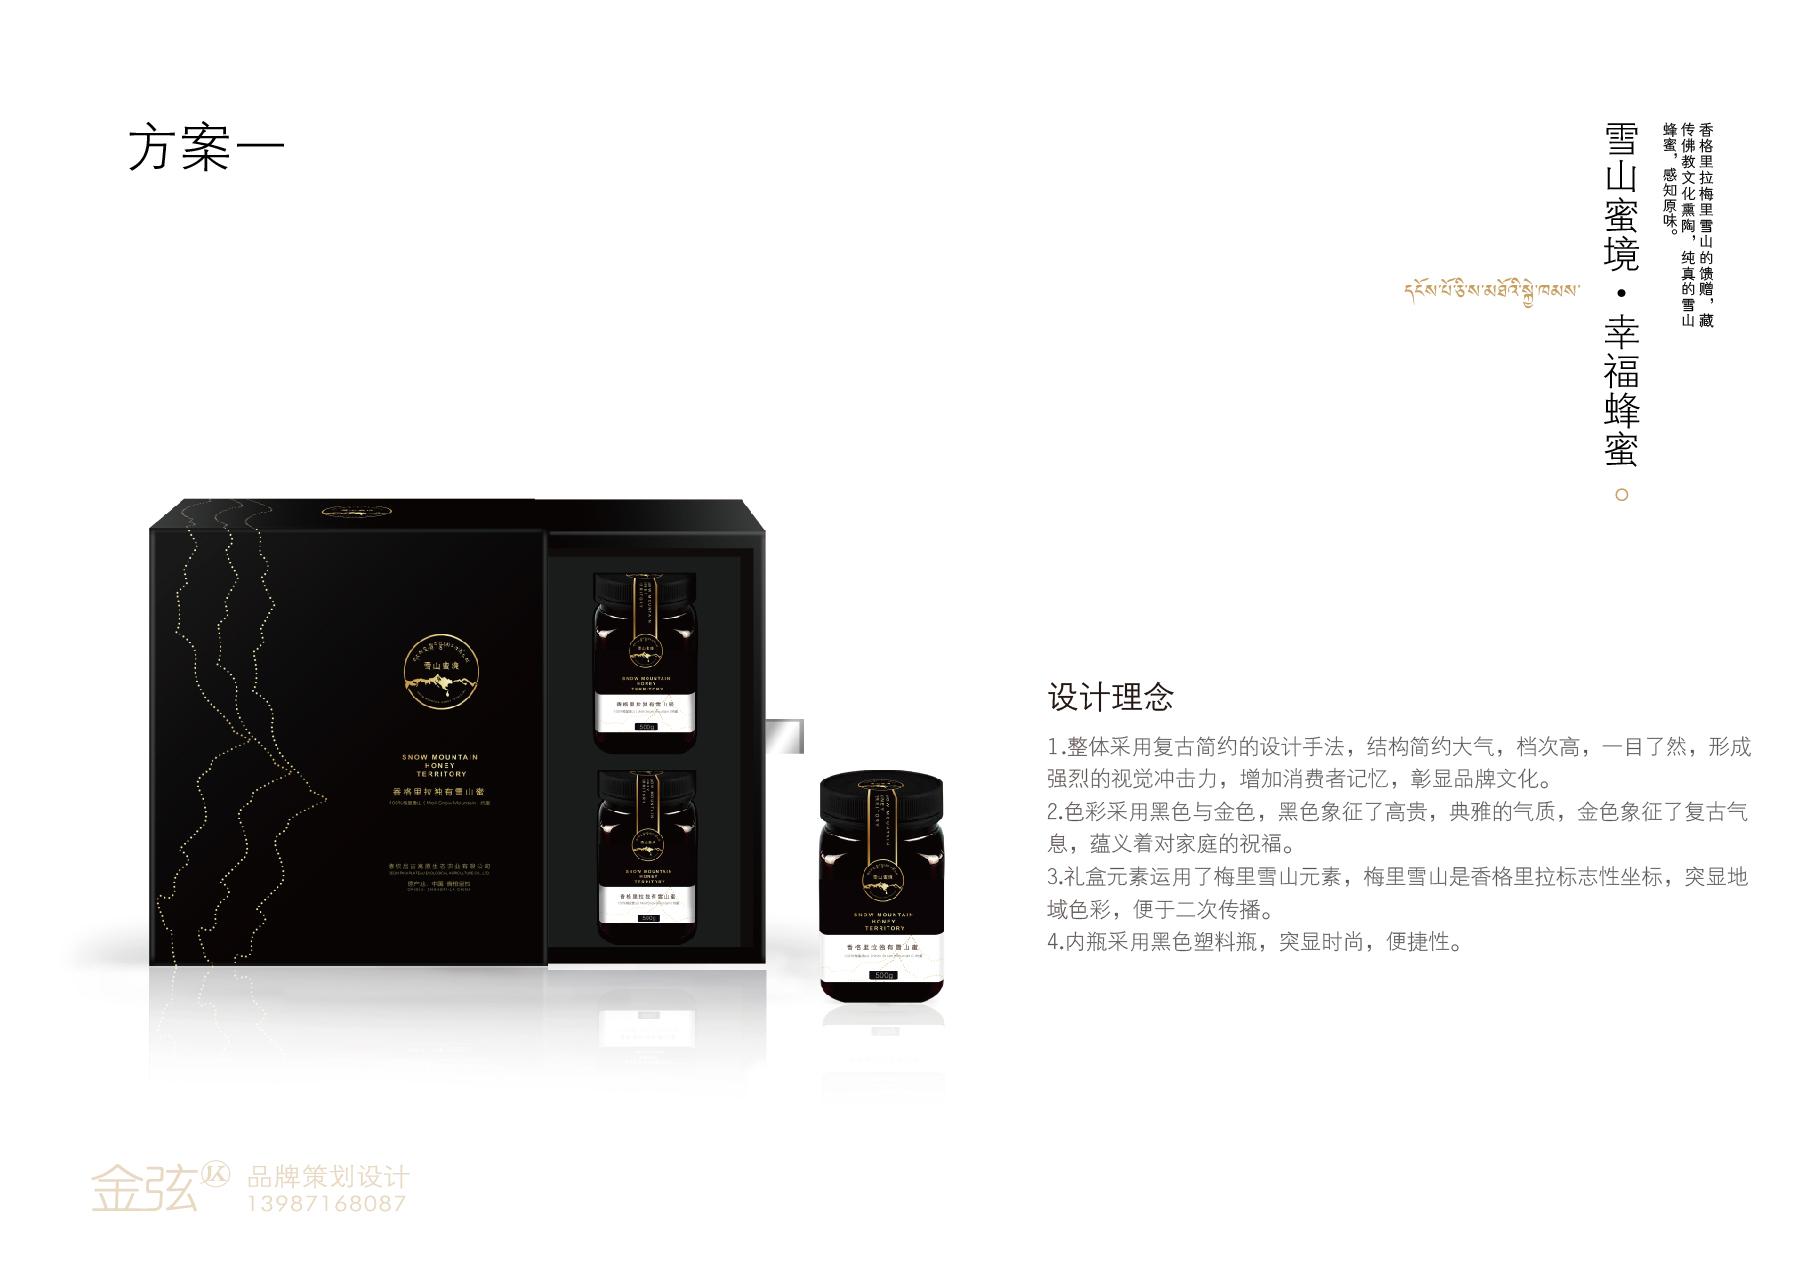 品吉 雪山蜜境幸福蜂蜜包装展示 包装设计 客户资料  第1张